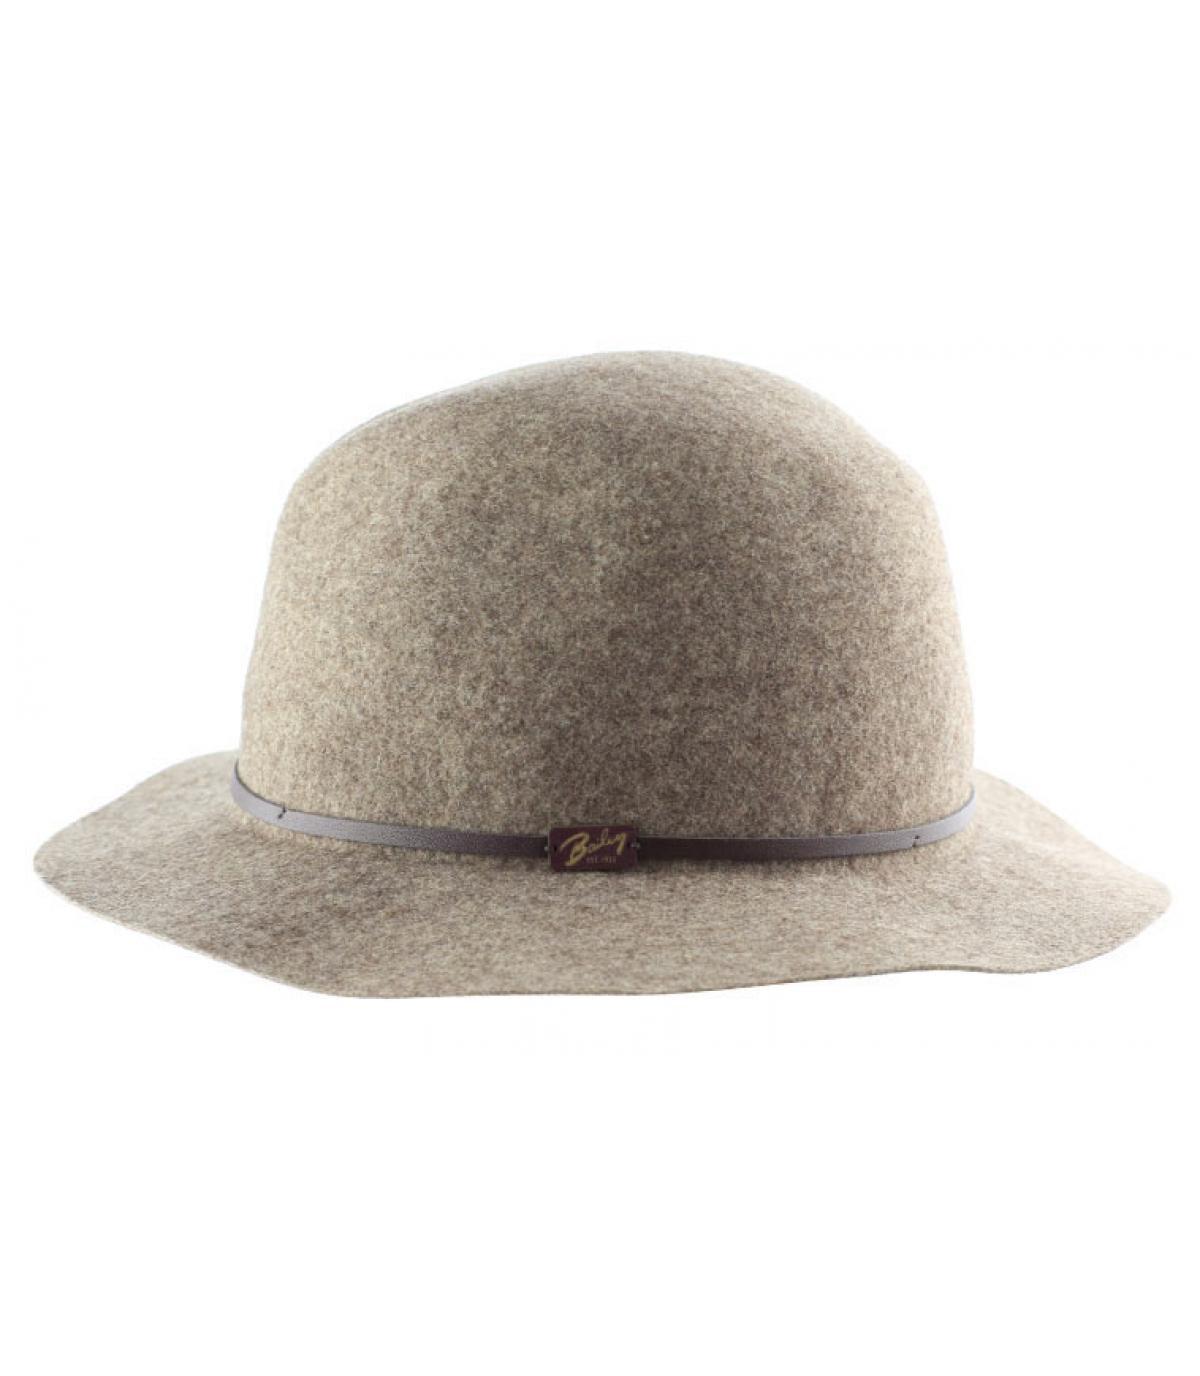 Chapeau bord souple homme